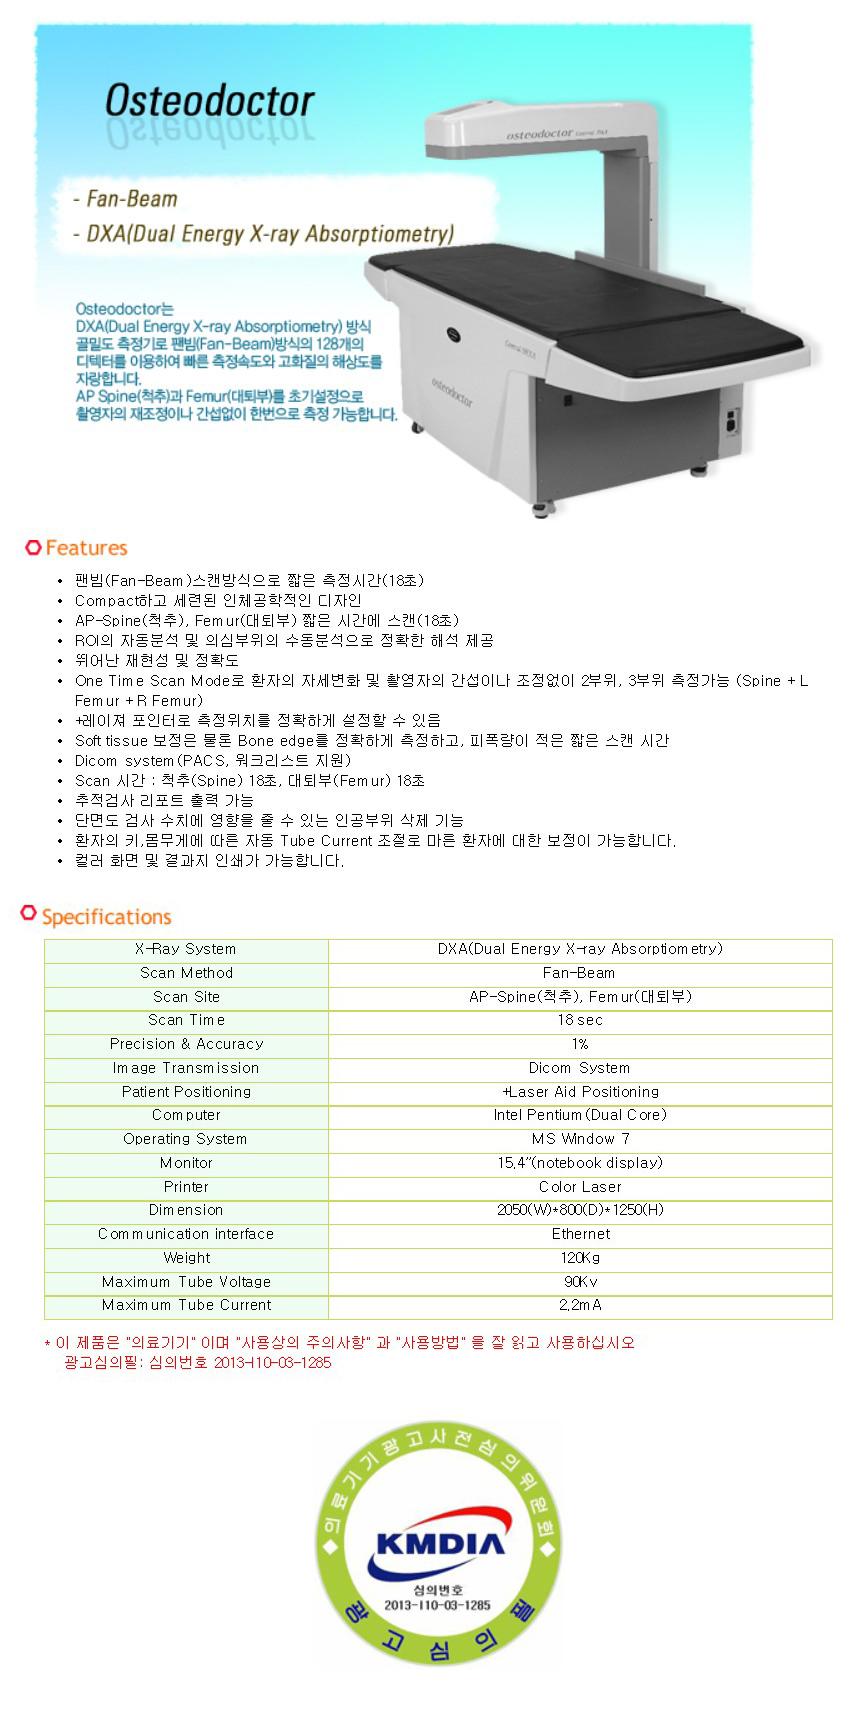 오송라이프 전신용 엑스선골밀도 측정기 Osteodoctor 1